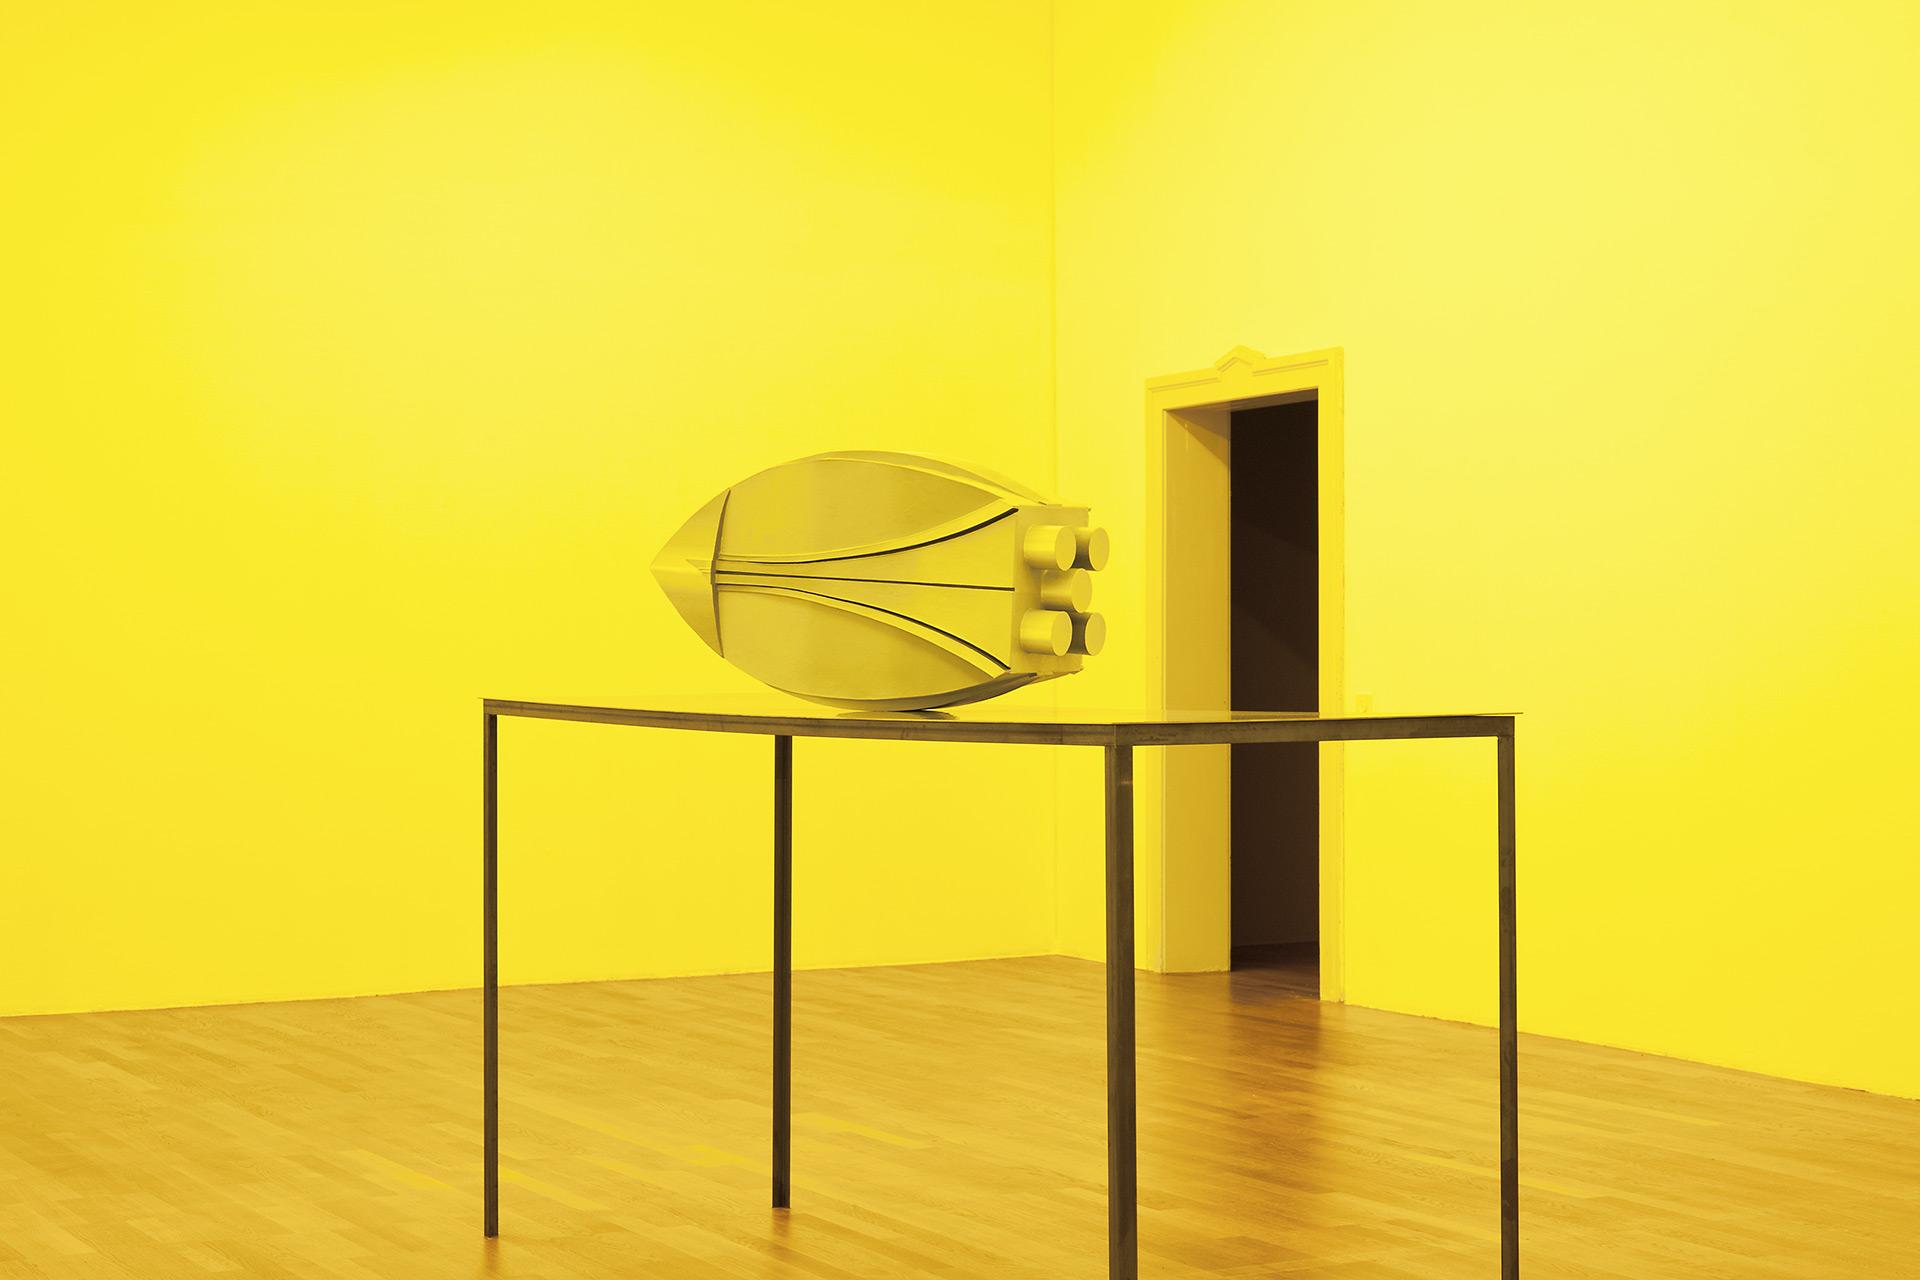 Rodrigo-Hernandez-Kunsthalle-Winterthur-2019-15.jpg